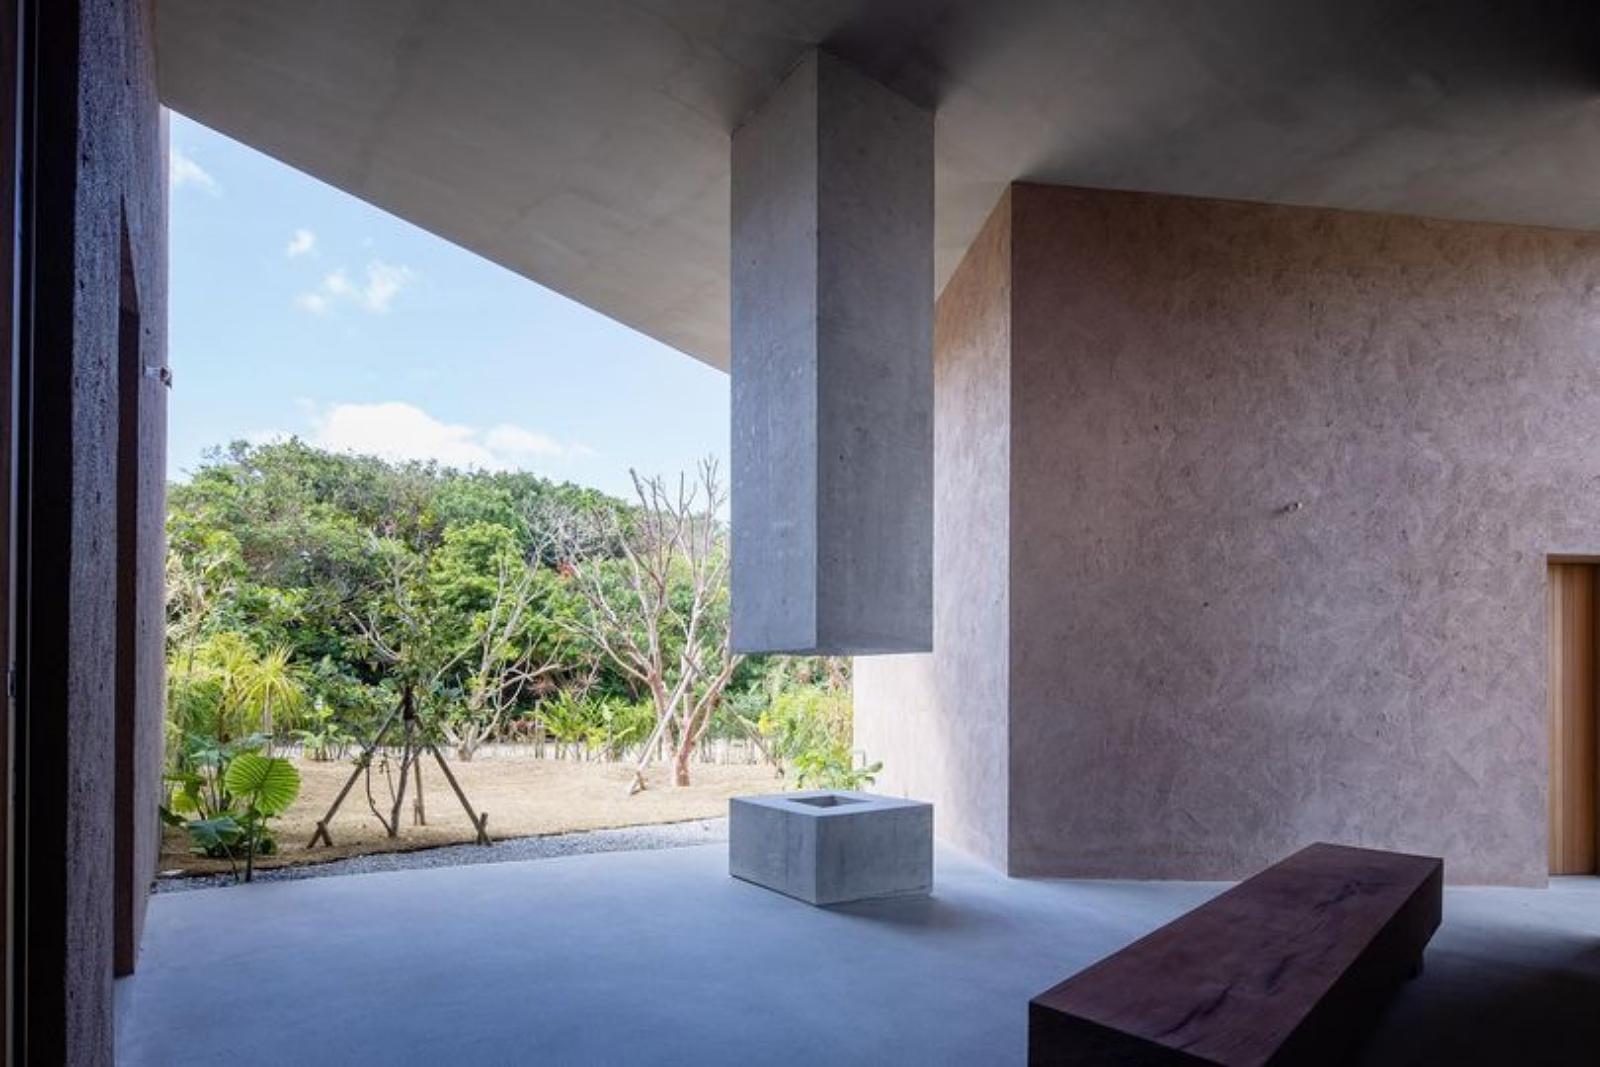 ここは未来の禅寺か。 旅の発見への扉をひらく宿mui